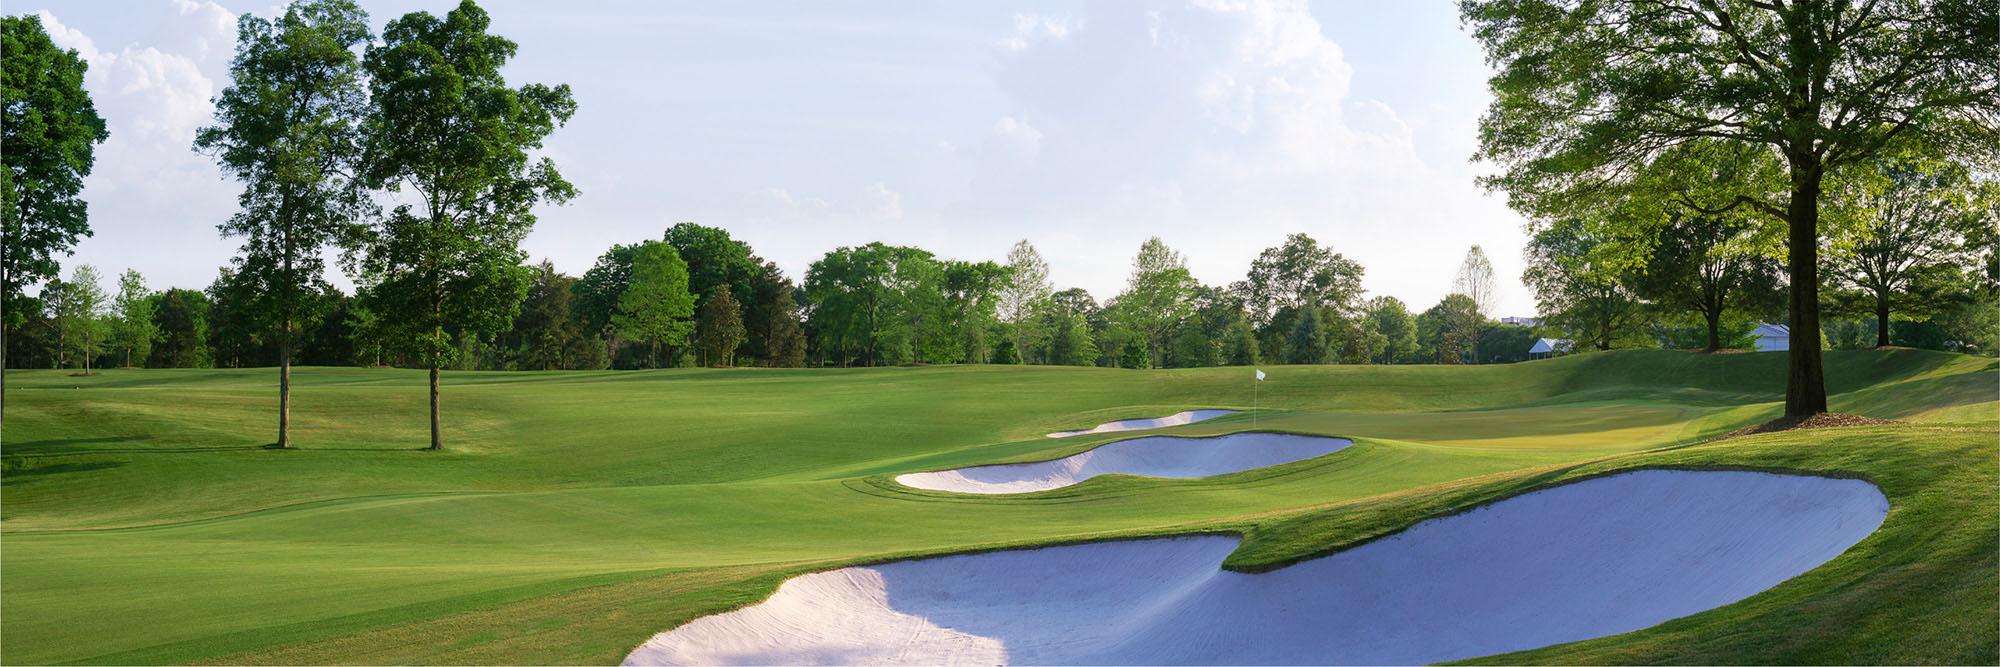 Golf Course Image - Quail Hollow No. 15